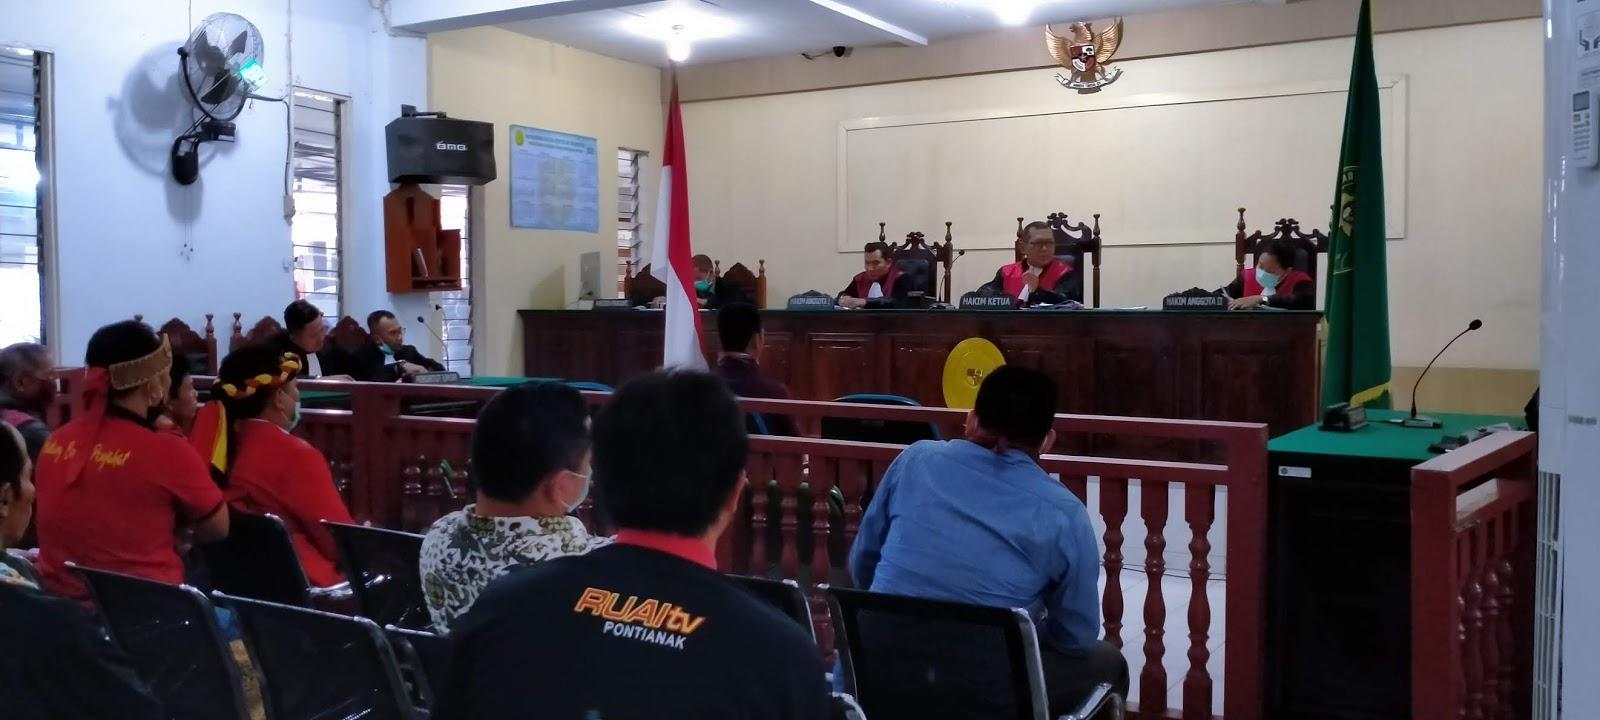 Kedua Terdakwa Kasus Karhutla di Putuskan Penjara 2 Bulan 1 Hari dan denda 1 Juta Rupiah Dinyatakan Bersalah Akibat Kelalaian